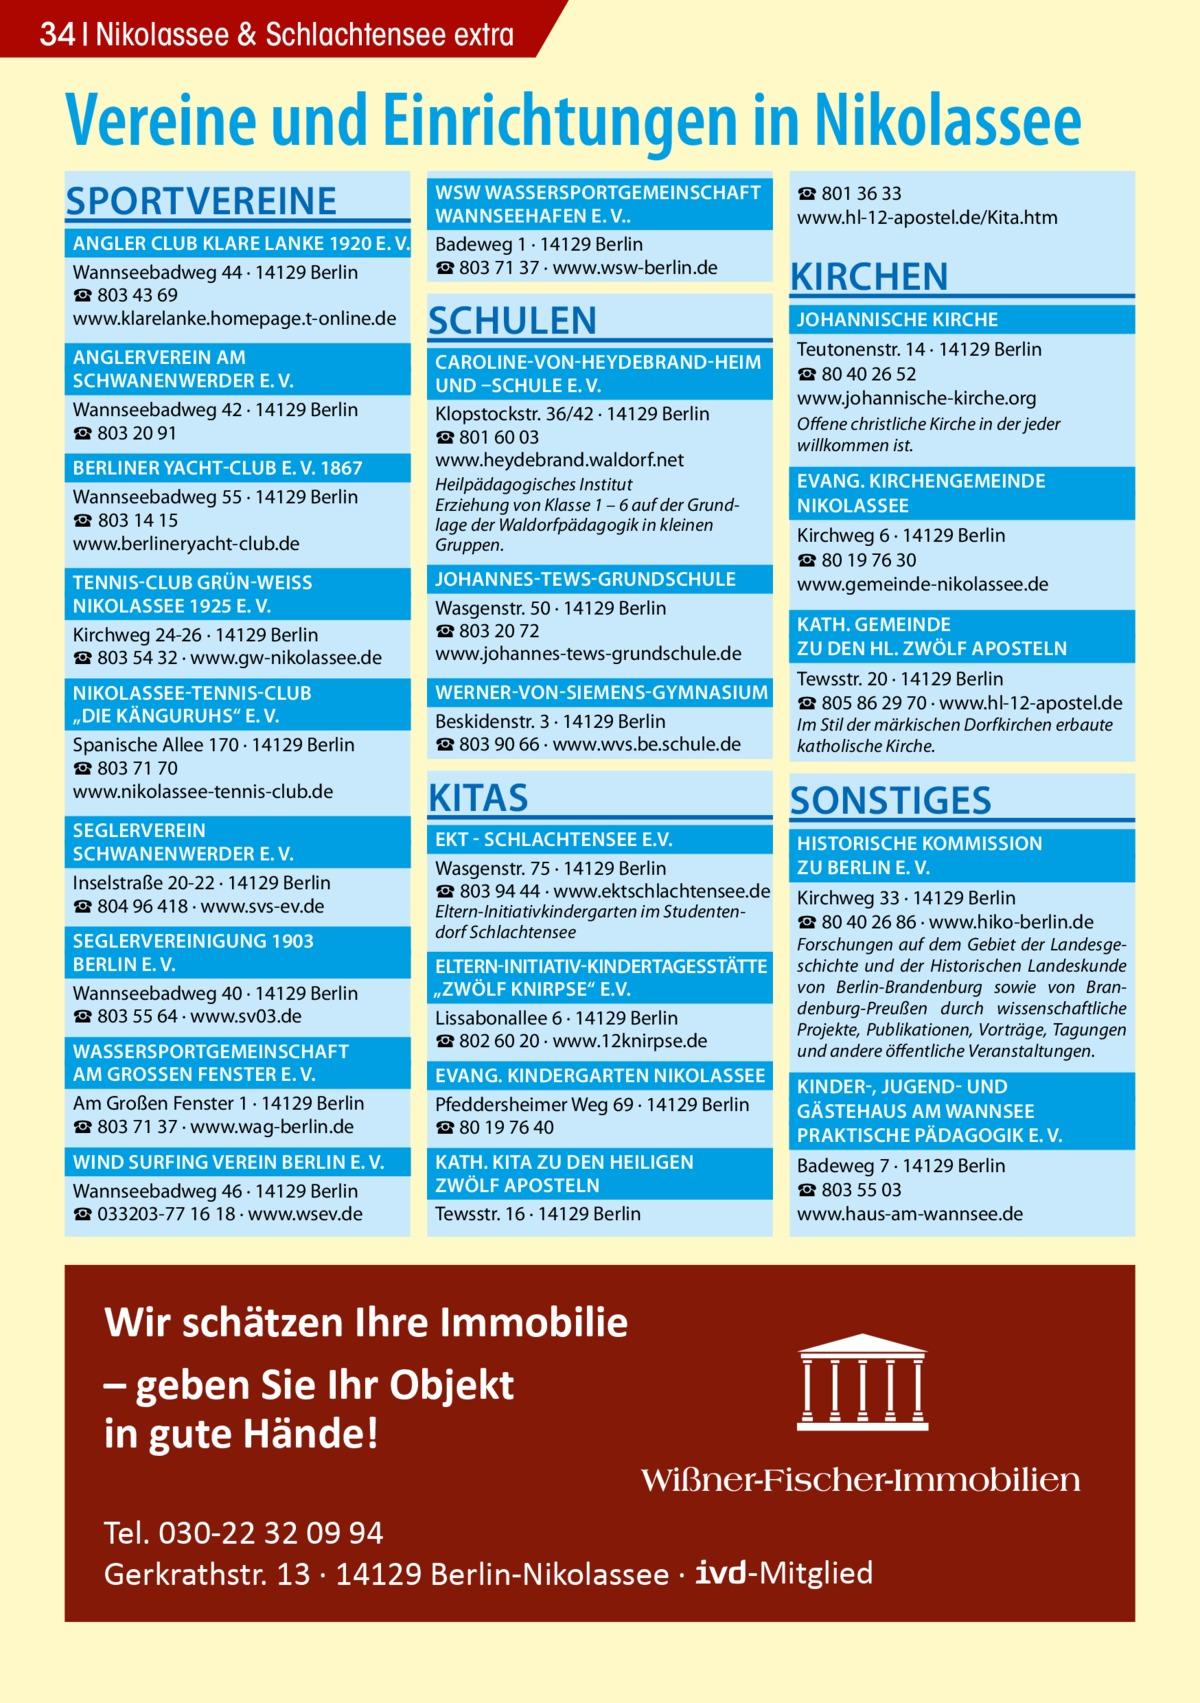 """34 Nikolassee & Schlachtensee extra  Vereine und Einrichtungen in Nikolassee SPORTVEREINE   WSW WASSERSPORTGEMEINSCHAFT �  WANNSEEHAFEN E. V..�  ANGLER CLUB KLARE LANKE 1920 E. V.� Badeweg 1 · 14129 Berlin ☎803 71 37 · www.wsw-berlin.de Wannseebadweg 44 · 14129 Berlin ☎ 803 43 69 www.klarelanke.homepage.t-online.de  SCHULEN   ANGLERVEREIN AM�  SCHWANENWERDER E. V.� Wannseebadweg 42 · 14129 Berlin ☎ 803 20 91  BERLINER YACHT-CLUB E. V. 1867� Wannseebadweg 55 · 14129 Berlin ☎ 803 14 15 www.berlineryacht-club.de  TENNIS-CLUB GRÜN-WEISS �  NIKOLASSEE 1925 E. V.� Kirchweg 24-26 · 14129 Berlin ☎ 803 54 32 · www.gw-nikolassee.de  NIKOLASSEE-TENNIS-CLUB �  """"DIE KÄNGURUHS"""" E. V.� Spanische Allee 170 · 14129 Berlin ☎803 71 70 www.nikolassee-tennis-club.de SEGLERVEREIN�  SCHWANENWERDER E. V.� Inselstraße 20-22 · 14129 Berlin ☎804 96 418 · www.svs-ev.de  SEGLERVEREINIGUNG 1903 �  BERLIN E. V.� Wannseebadweg 40 · 14129 Berlin ☎803 55 64 · www.sv03.de  WASSERSPORTGEMEINSCHAFT �  AM GROSSEN FENSTER E. V.� Am Großen Fenster 1 · 14129 Berlin ☎803 71 37 · www.wag-berlin.de  WIND SURFING VEREIN BERLIN E. V.� Wannseebadweg 46 · 14129 Berlin ☎033203-77 16 18 · www.wsev.de  ☎801 36 33 www.hl-12-apostel.de/Kita.htm  KIRCHEN   JOHANNISCHE KIRCHE � Teutonenstr. 14 · 14129 Berlin  CAROLINE-VON-HEYDEBRAND-HEIM � ☎ 80 40 26 52  UND –SCHULE E. V. � www.johannische-kirche.org Klopstockstr. 36/42 · 14129 Berlin Offene christliche Kirche in der jeder ☎801 60 03 willkommen ist. www.heydebrand.waldorf.net  EVANG. KIRCHENGEMEINDE � Heilpädagogisches Institut Erziehung von Klasse 1 – 6 auf der GrundNIKOLASSEE� lage der Waldorfpädagogik in kleinen Kirchweg 6 · 14129 Berlin Gruppen. ☎80 19 76 30  JOHANNES-TEWS-GRUNDSCHULE � www.gemeinde-nikolassee.de Wasgenstr. 50 · 14129 Berlin  KATH. GEMEINDE � ☎803 20 72  ZU DEN HL. ZWÖLF APOSTELN � www.johannes-tews-grundschule.de Tewsstr. 20 · 14129 Berlin  WERNER-VON-SIEMENS-GYMNASIUM � ☎805 86 29 70 · www.hl-12-apostel.de Beskidenstr. 3 · 14129 Berlin Im Stil der"""